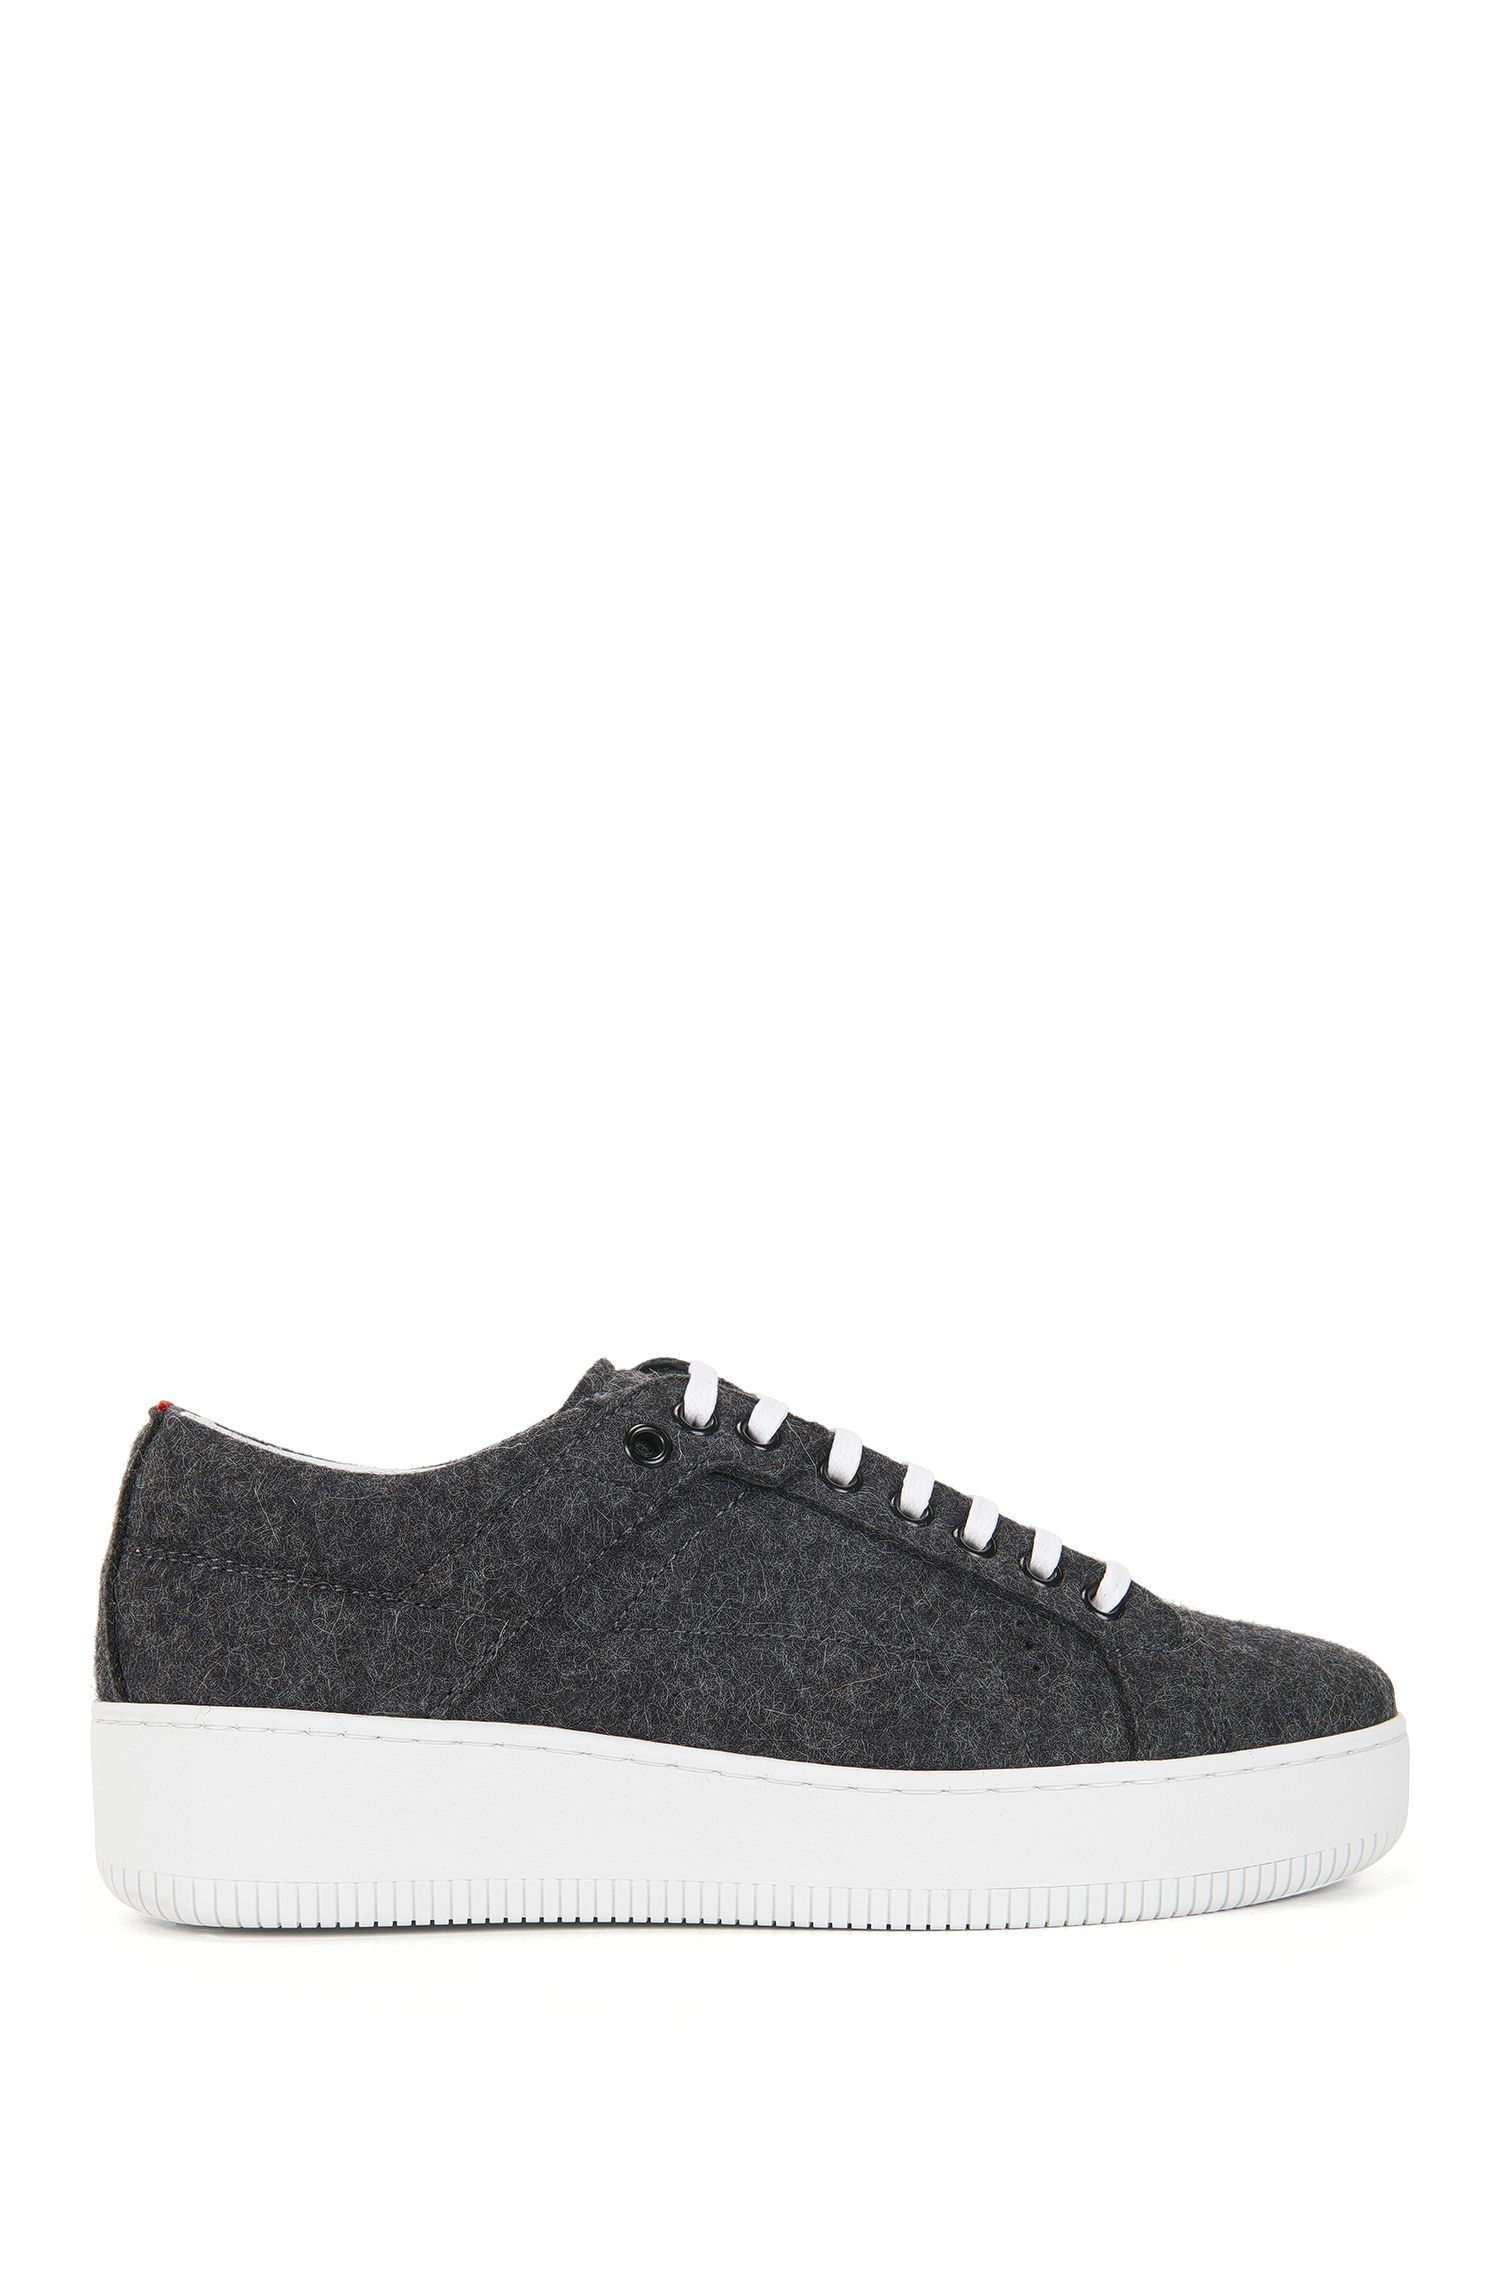 Sneakers met veters, van winterse wol